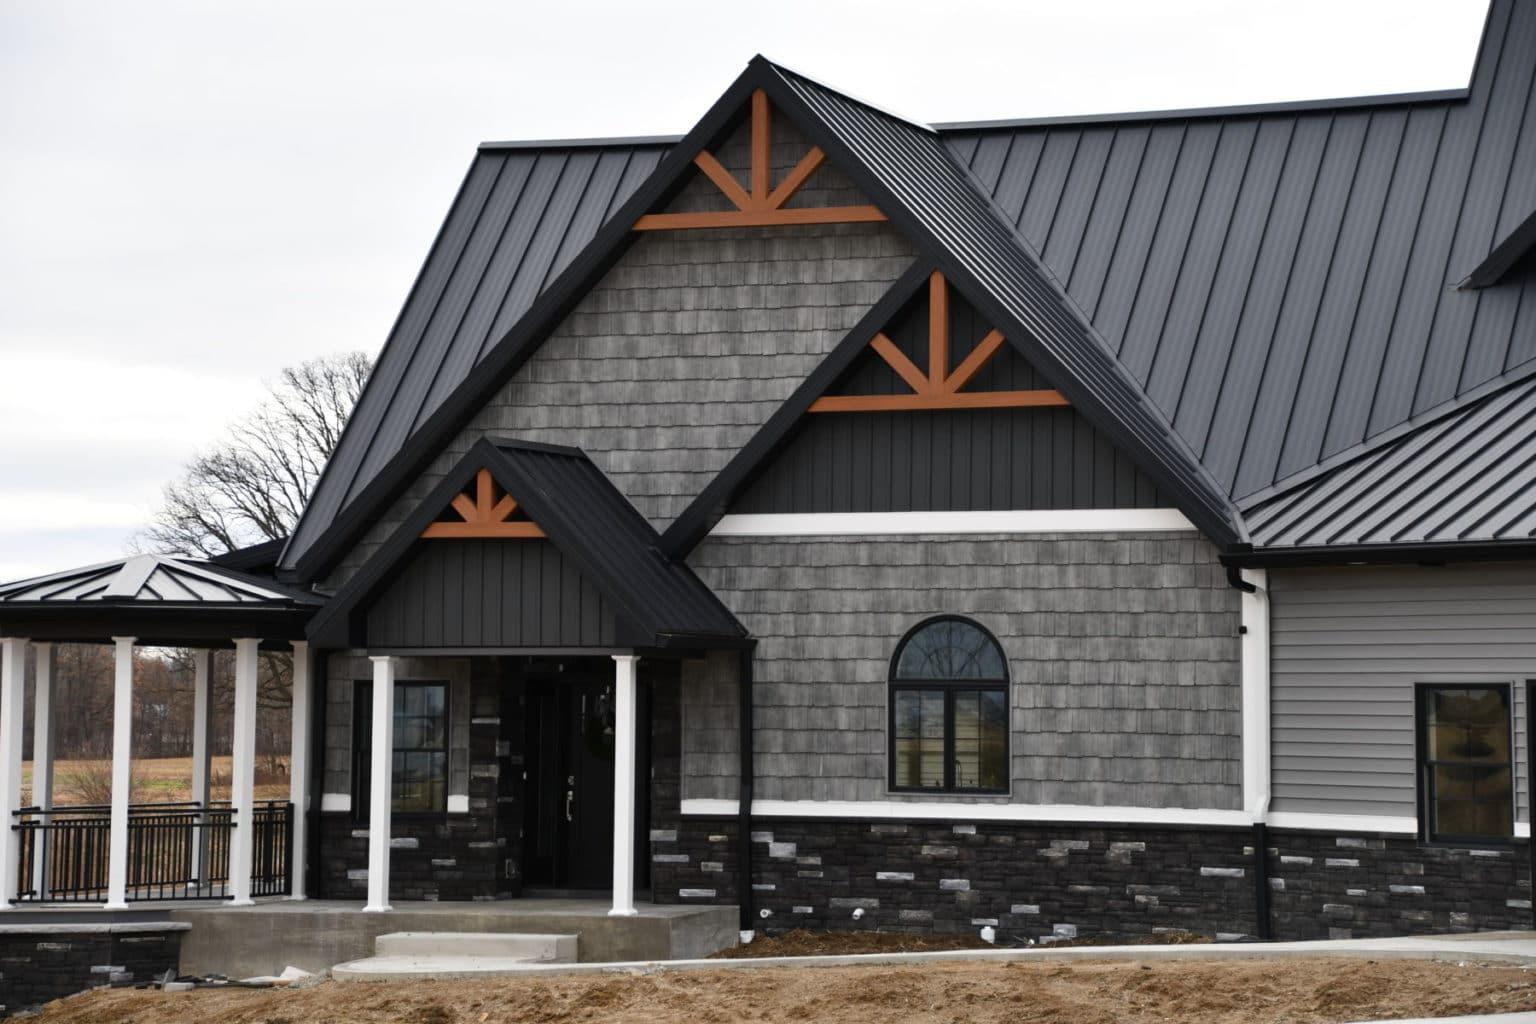 Decorative Gable End - Alpha Building Center